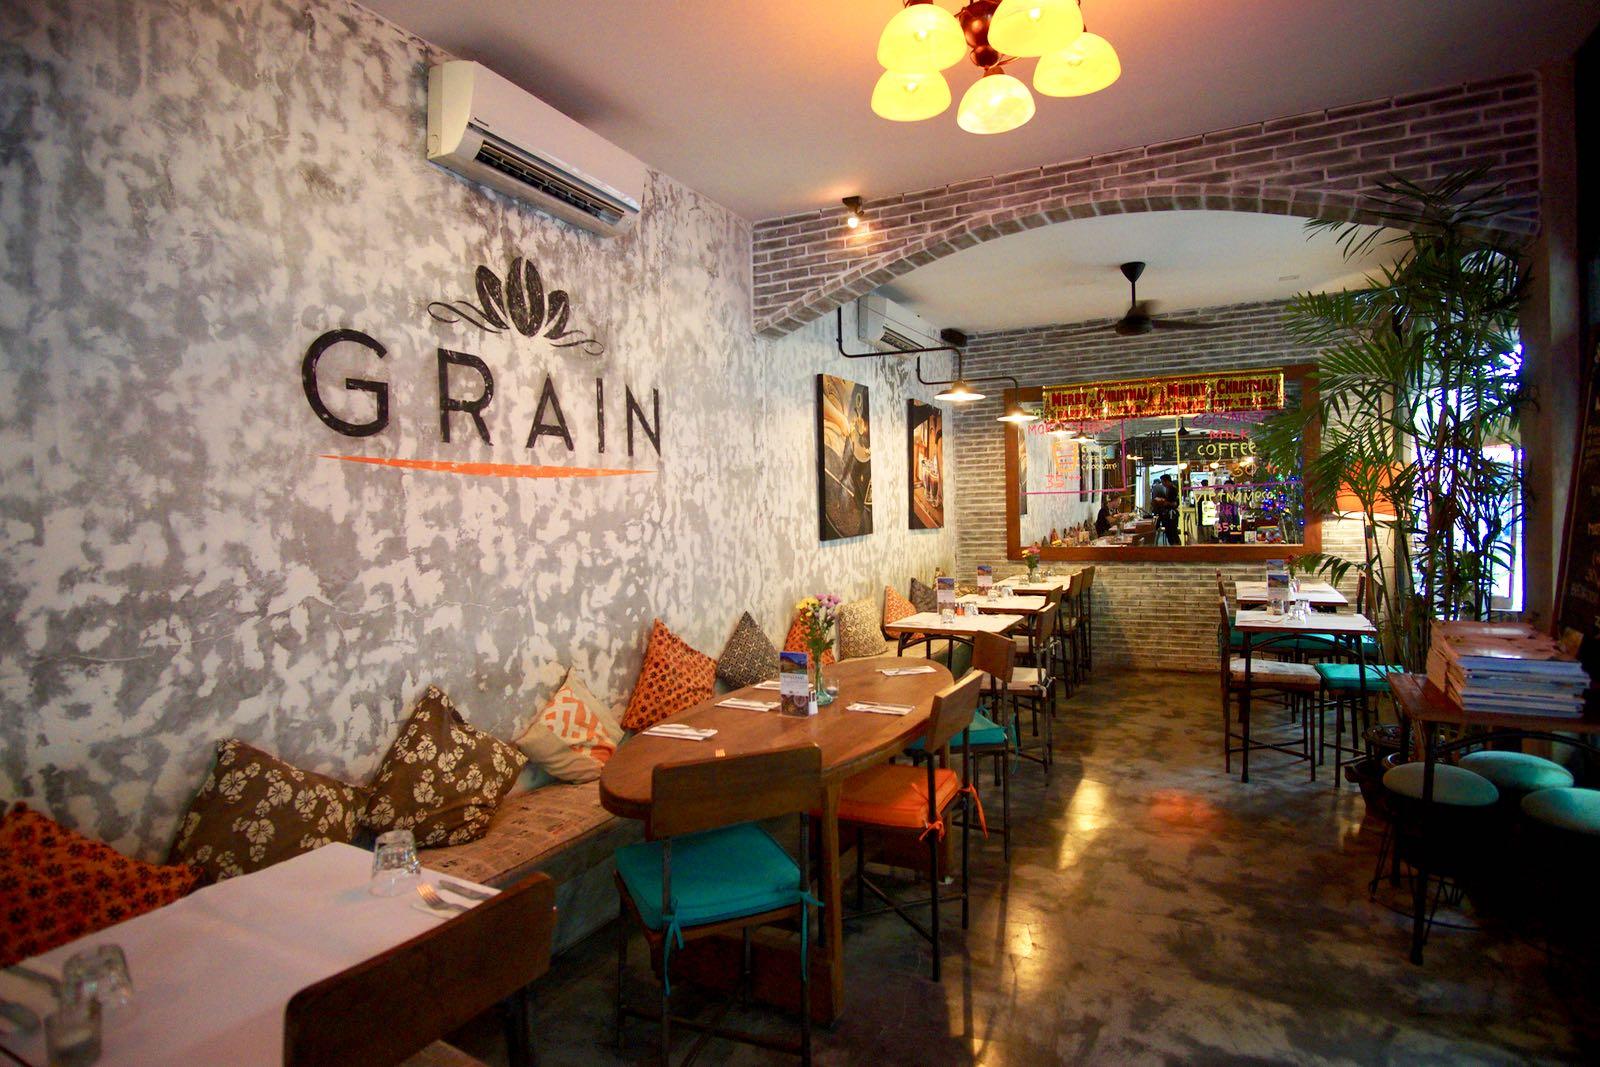 Lower Floor Grain Cafe